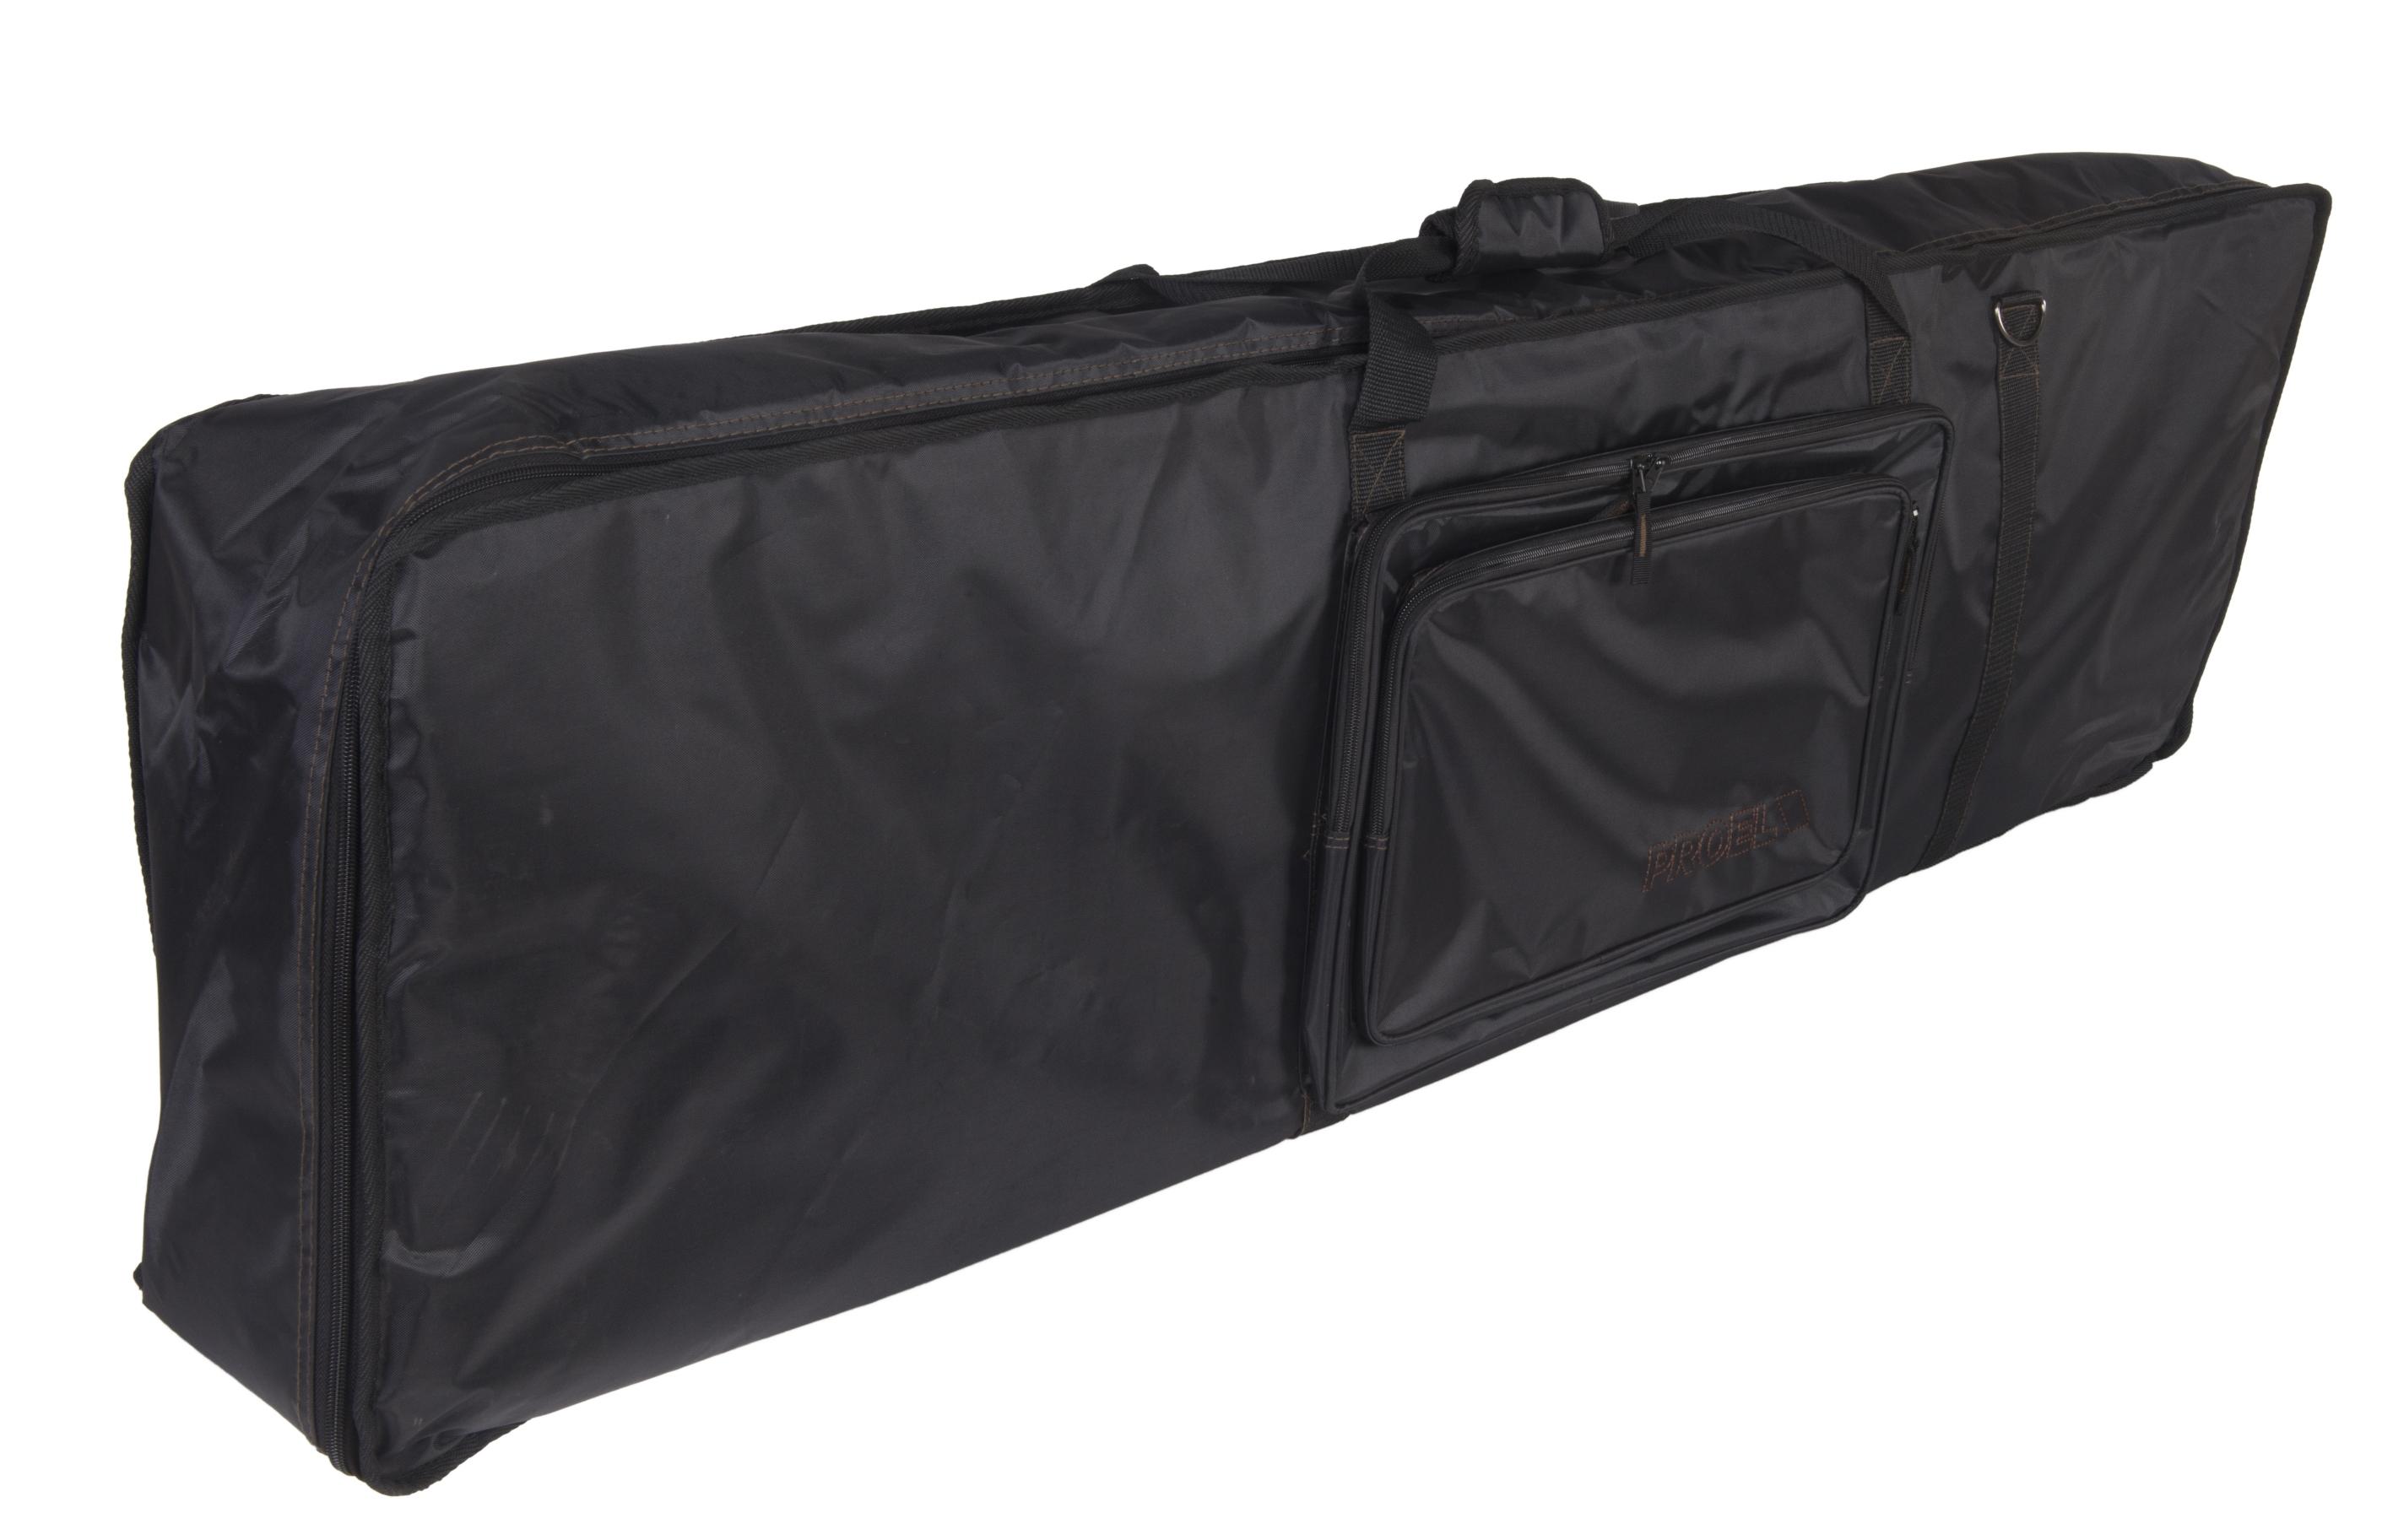 PROEL BAG938PN - Borsa per tastiera in robusto nylon 420D antistrappo. Dimensioni interne: 1430 (larghezza) x 340 (profondit�) x 140 (altezza) mm. Imbottitura 20 mm. Disponibile in colore nero.